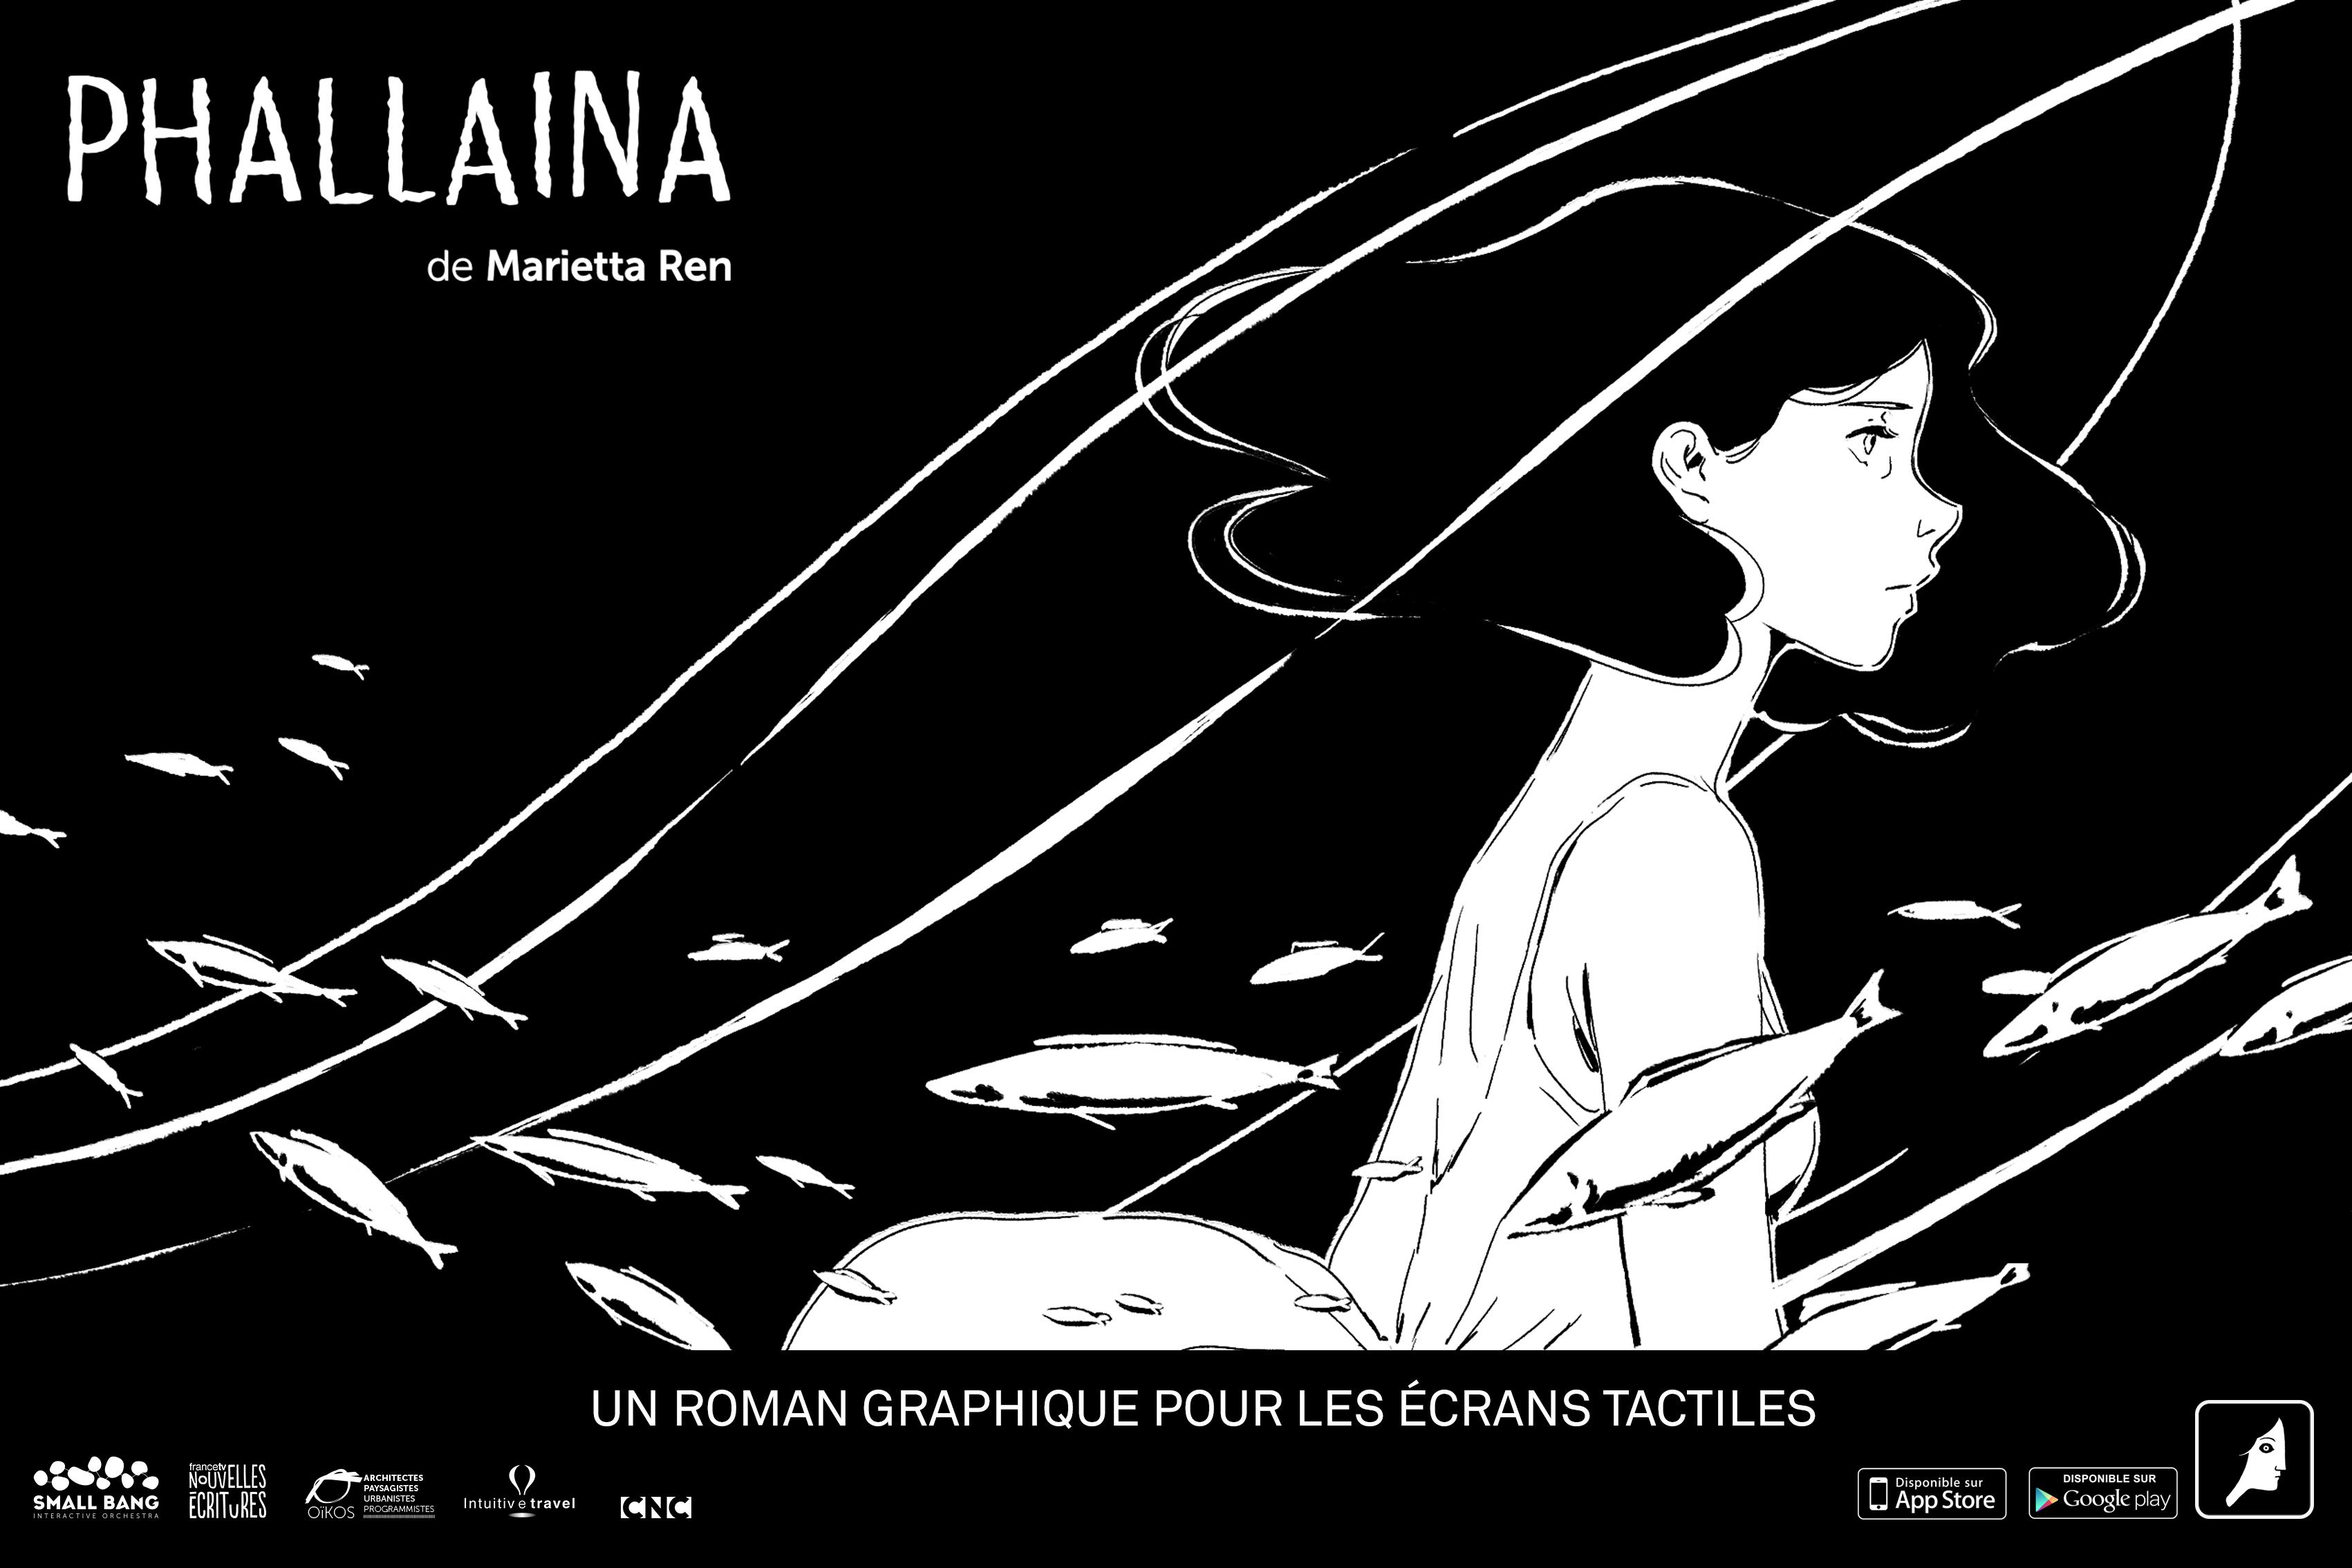 """""""Phallaina"""" by Marietta Ren a new digital graphic novel winner of the Prix du Livre enrichi francophone pour la Jeunesse"""